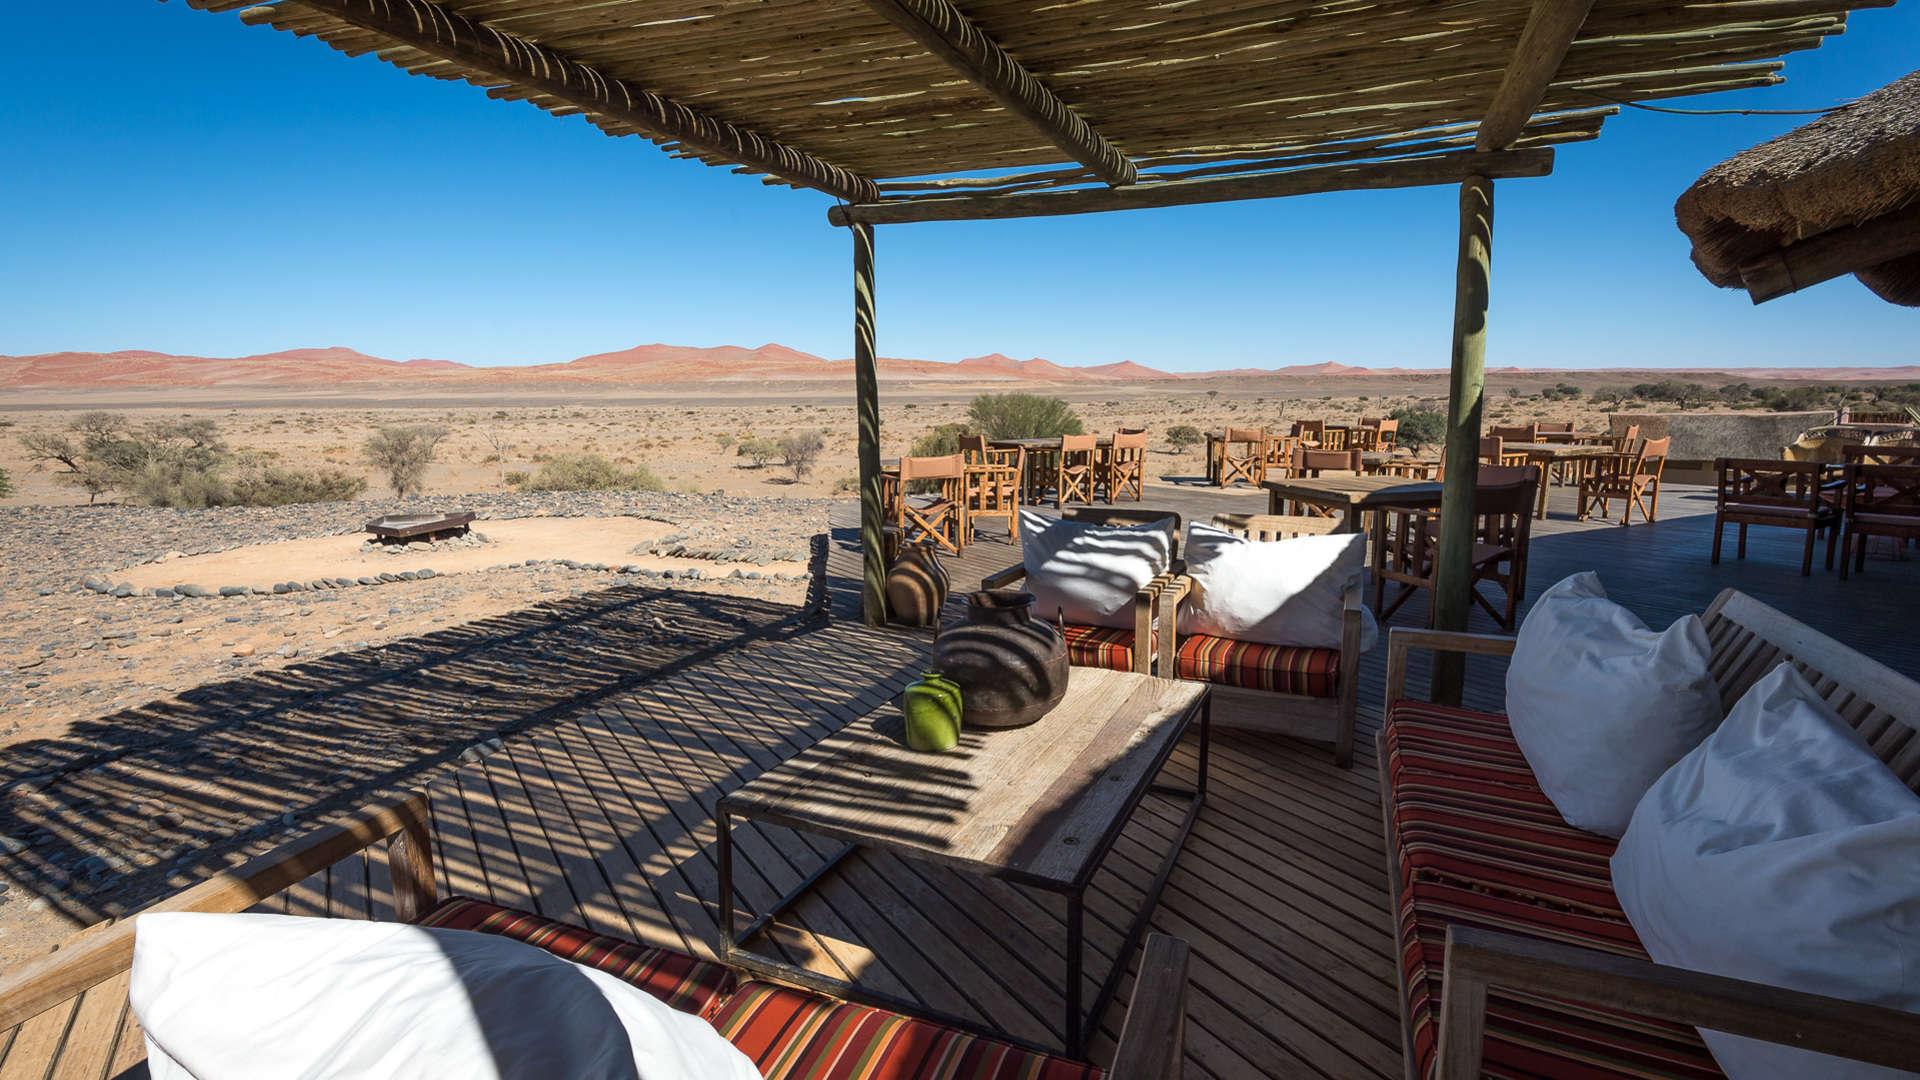 Luxe reizen Namibië - Locatie is belangrijk bij exclusieve bestemmingen in Namibië.